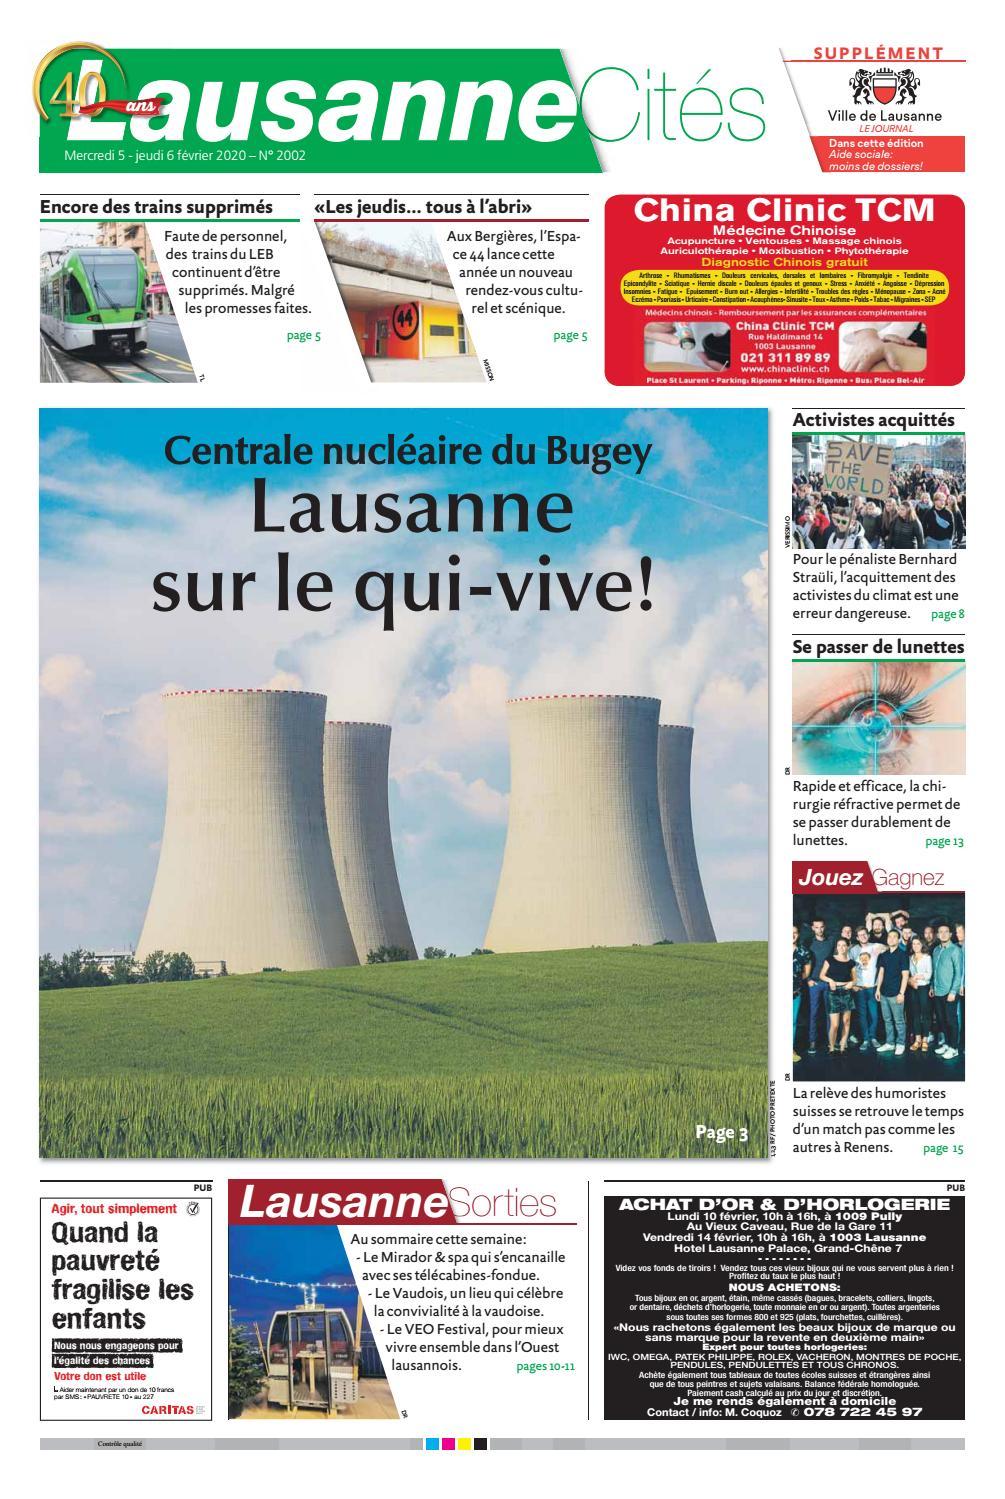 Des Trains Pas Comme Les Autres Suisse : trains, comme, autres, suisse, 20200206LC, Lausanne, Cités, Issuu